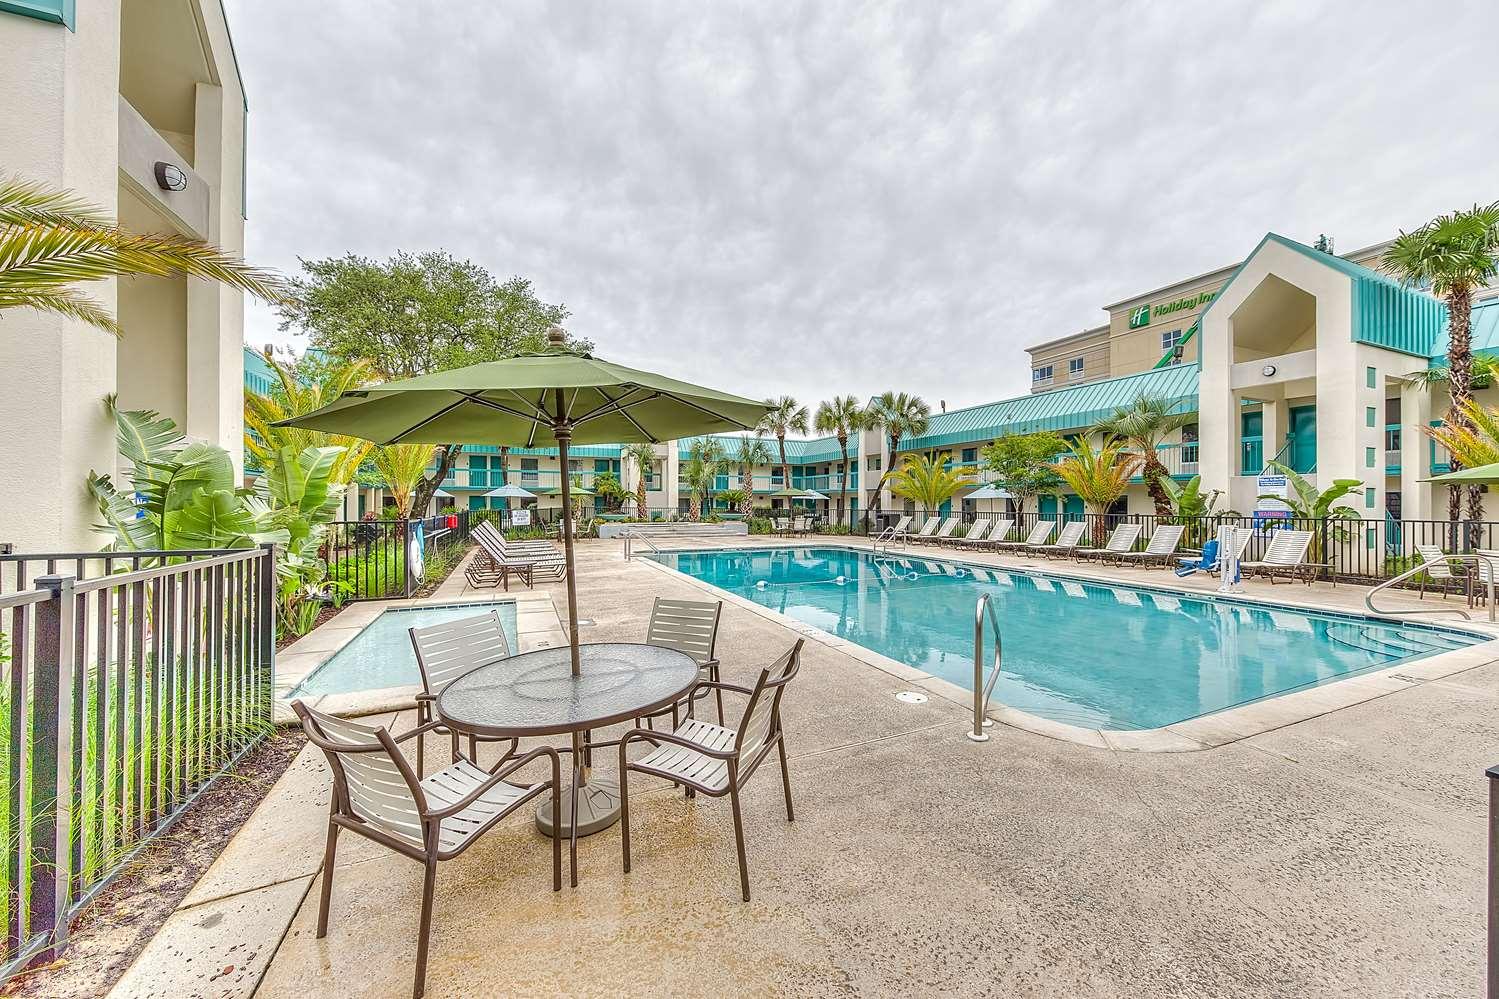 Gulfport Ms Hotels Near Beach